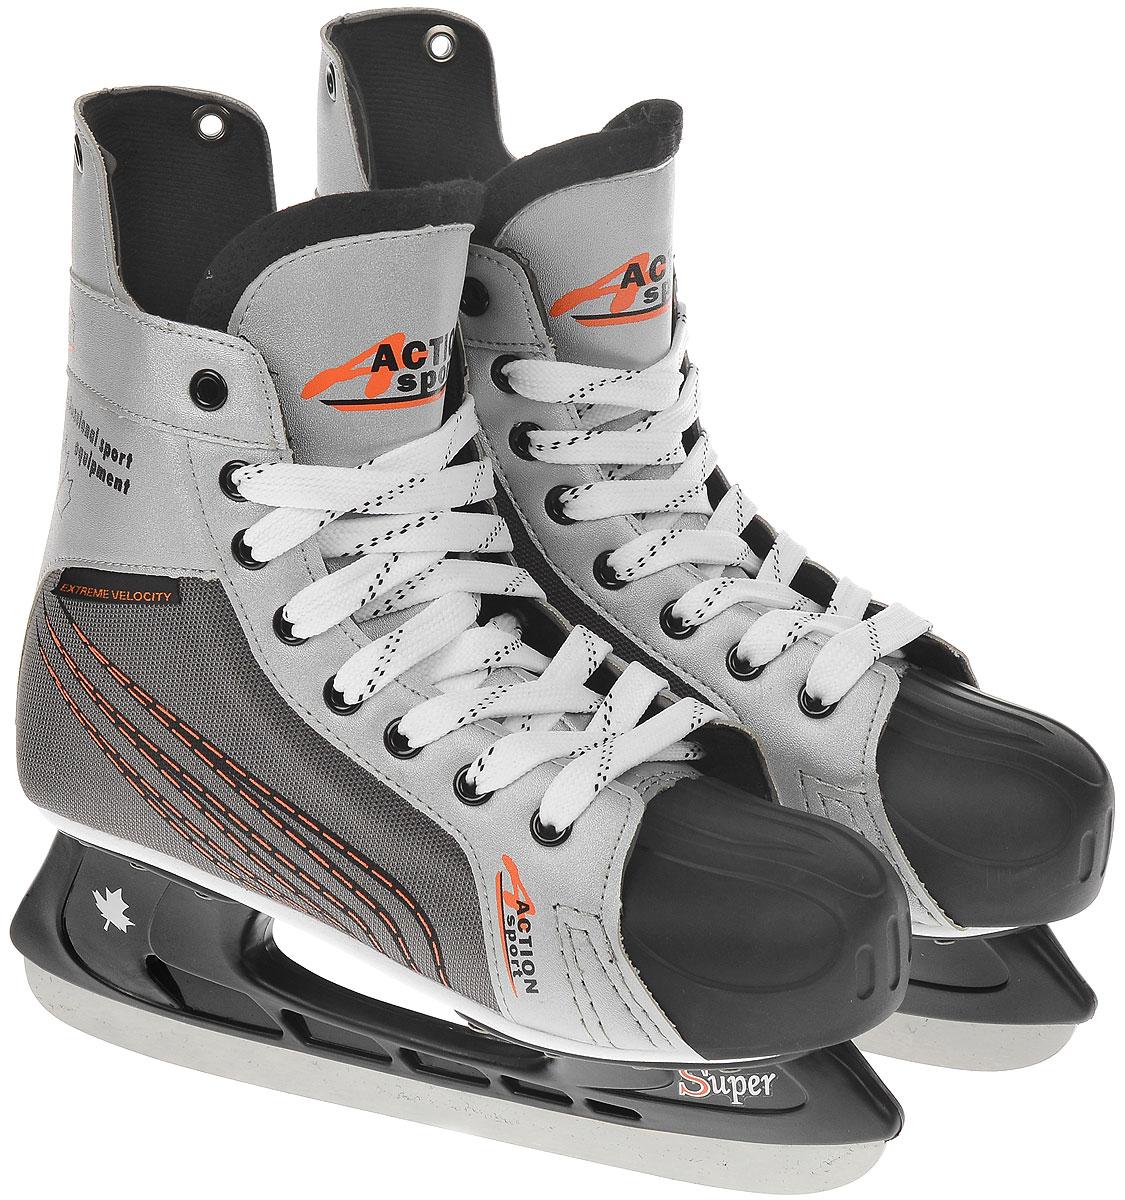 Коньки хоккейные мужские Action, цвет: белый, серый. PW-216N. Размер 41 PW-216N_41